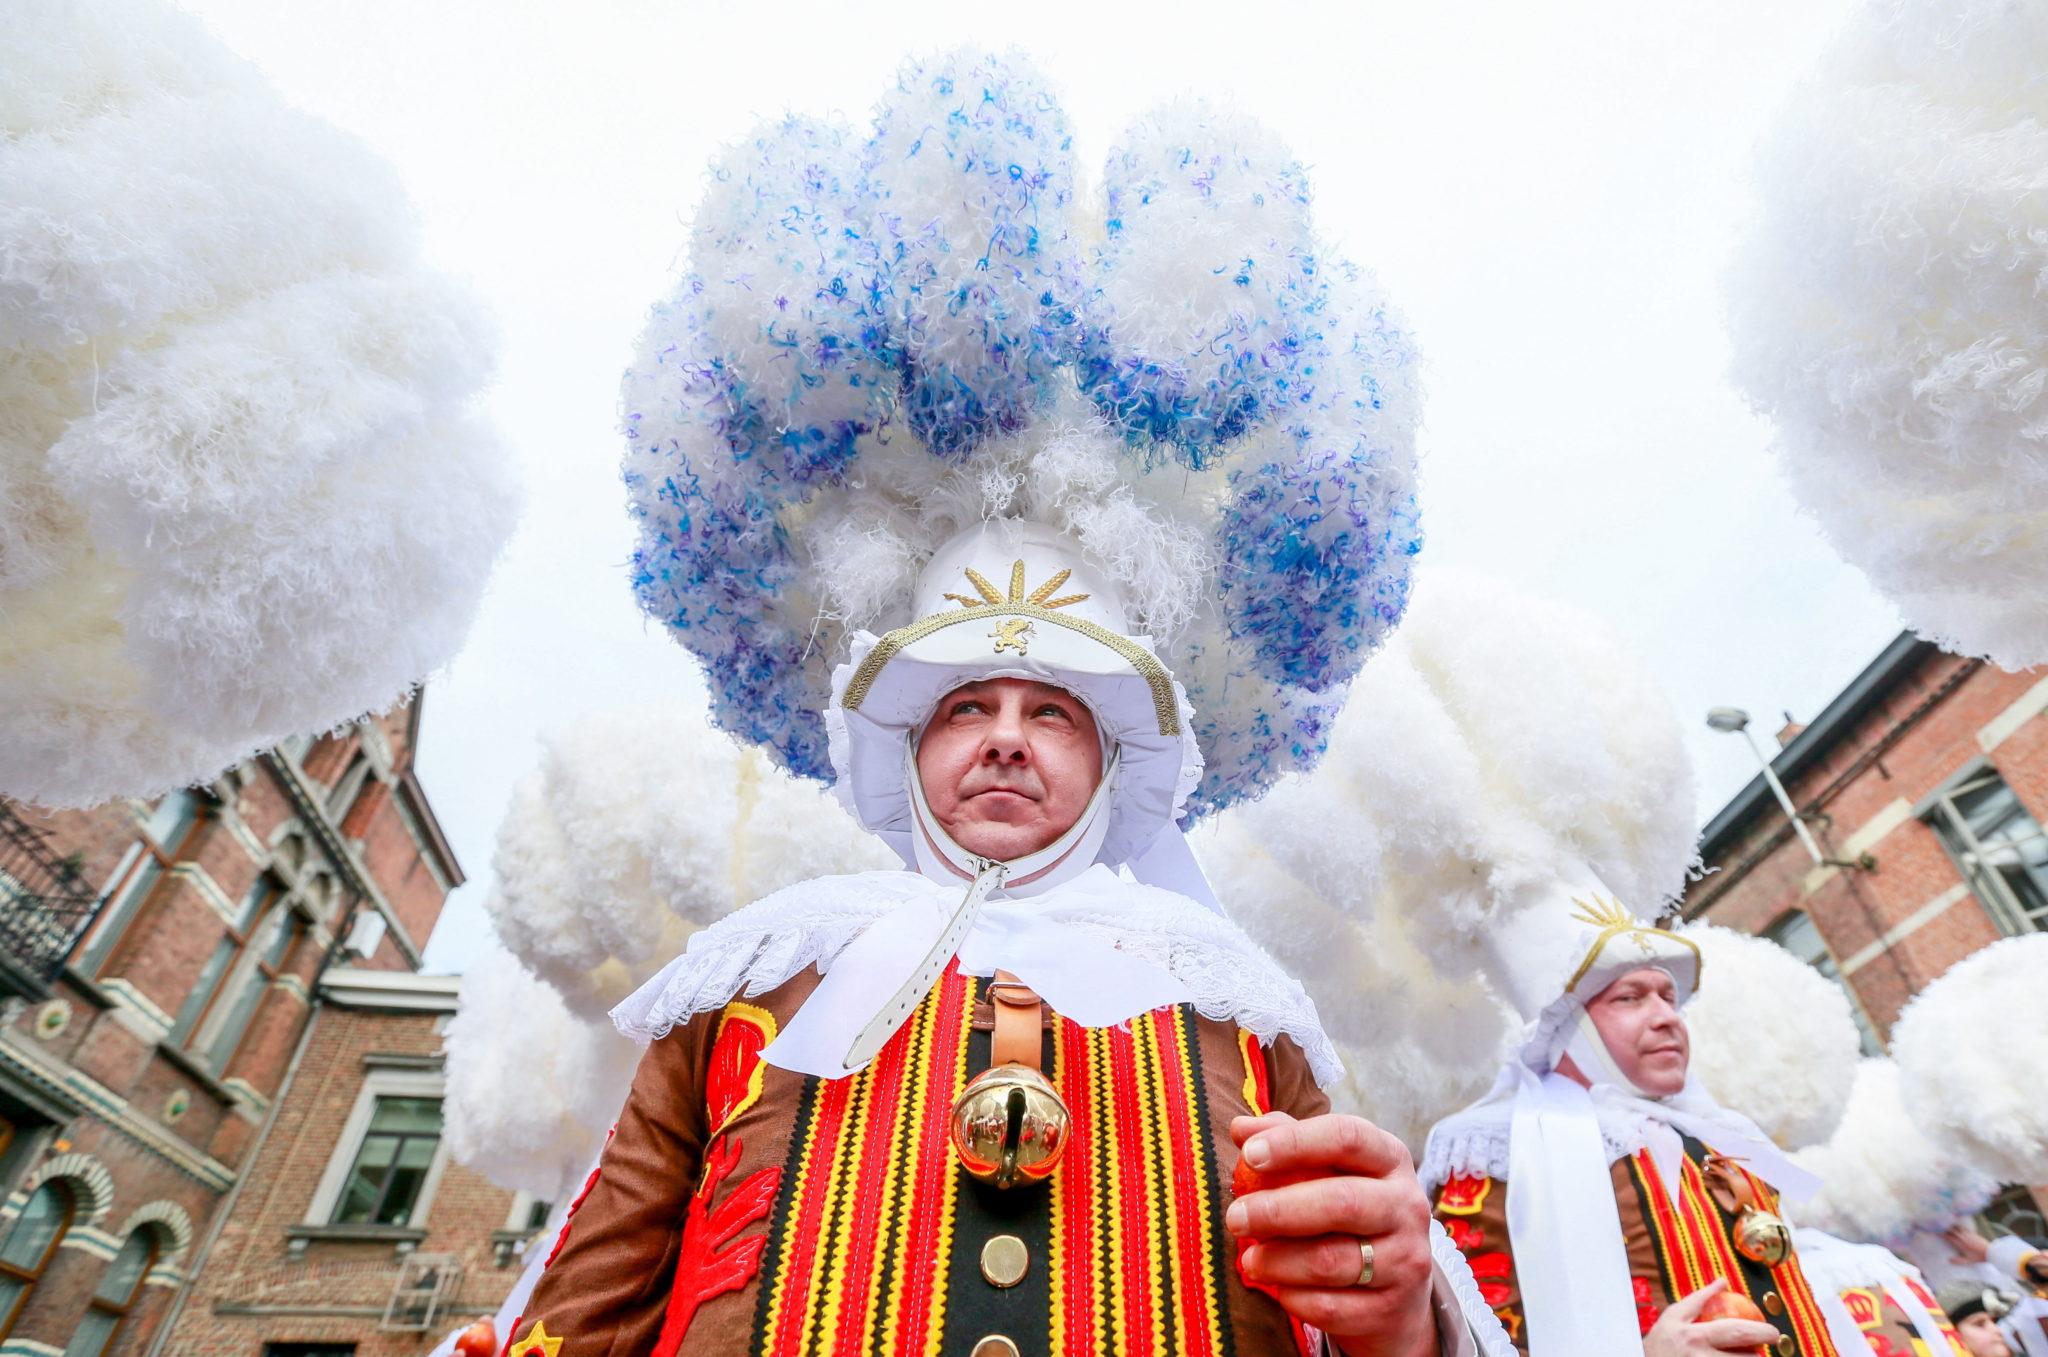 Belgia: karnawał w Binche, organizowany przez trzy ostatnie dnie karnawału. Jeden z najstarszych ulicznych karnawałów w Europie. W 2003 roku został proklamowany Arcydziełem Ustnego i Niematerialnego Dziedzictwa Ludzkości a w 2008 roku wpisany na listę niematerialnego dziedzictwa UNESCO, fot. Stephanie Lecocq, PAP/EPA